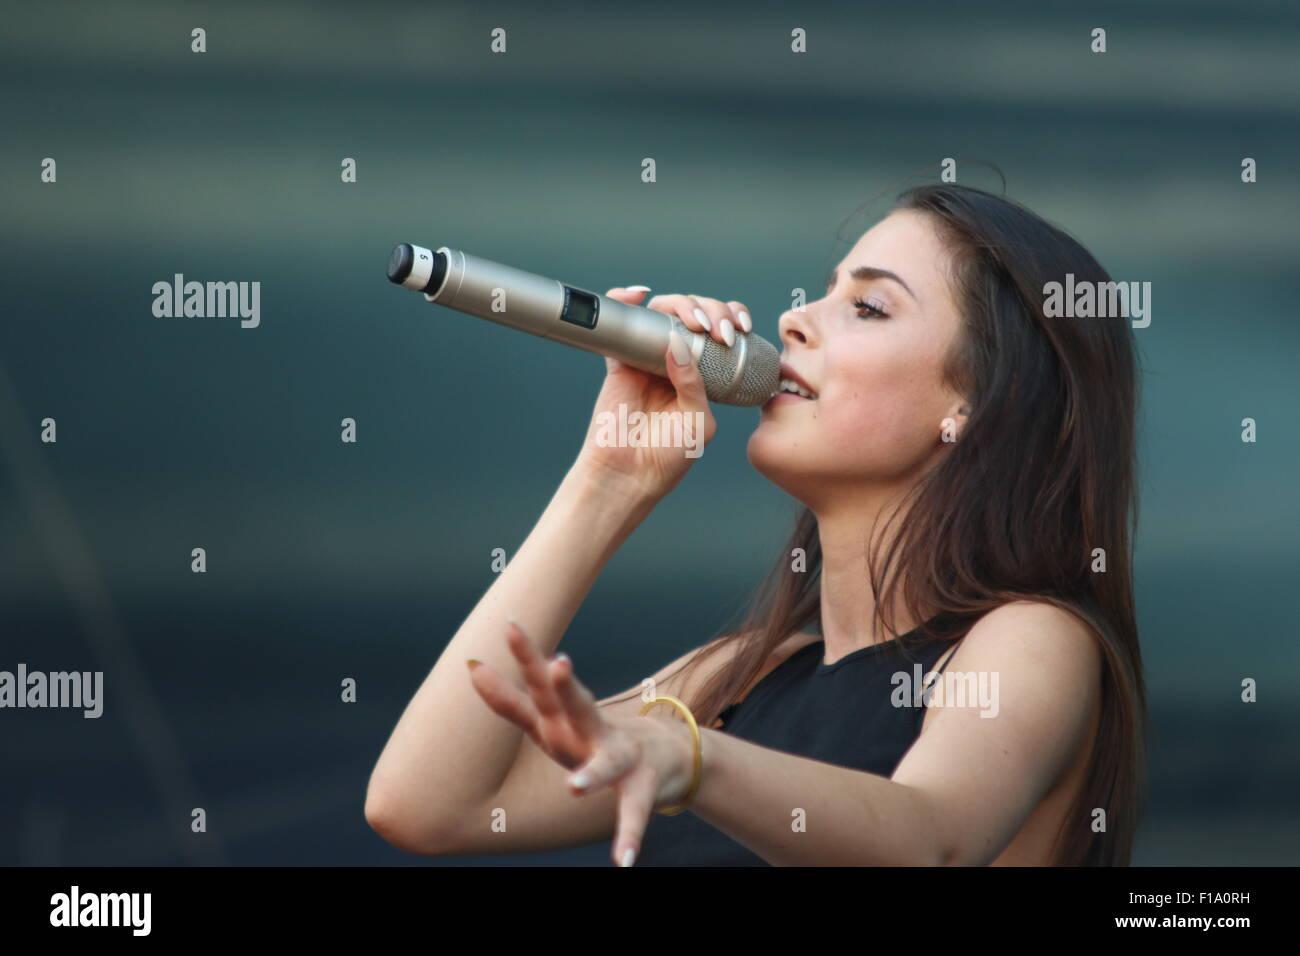 Magdeburg, Deutschland. 30. August 2015. Deutsche Sängerin Lena ...